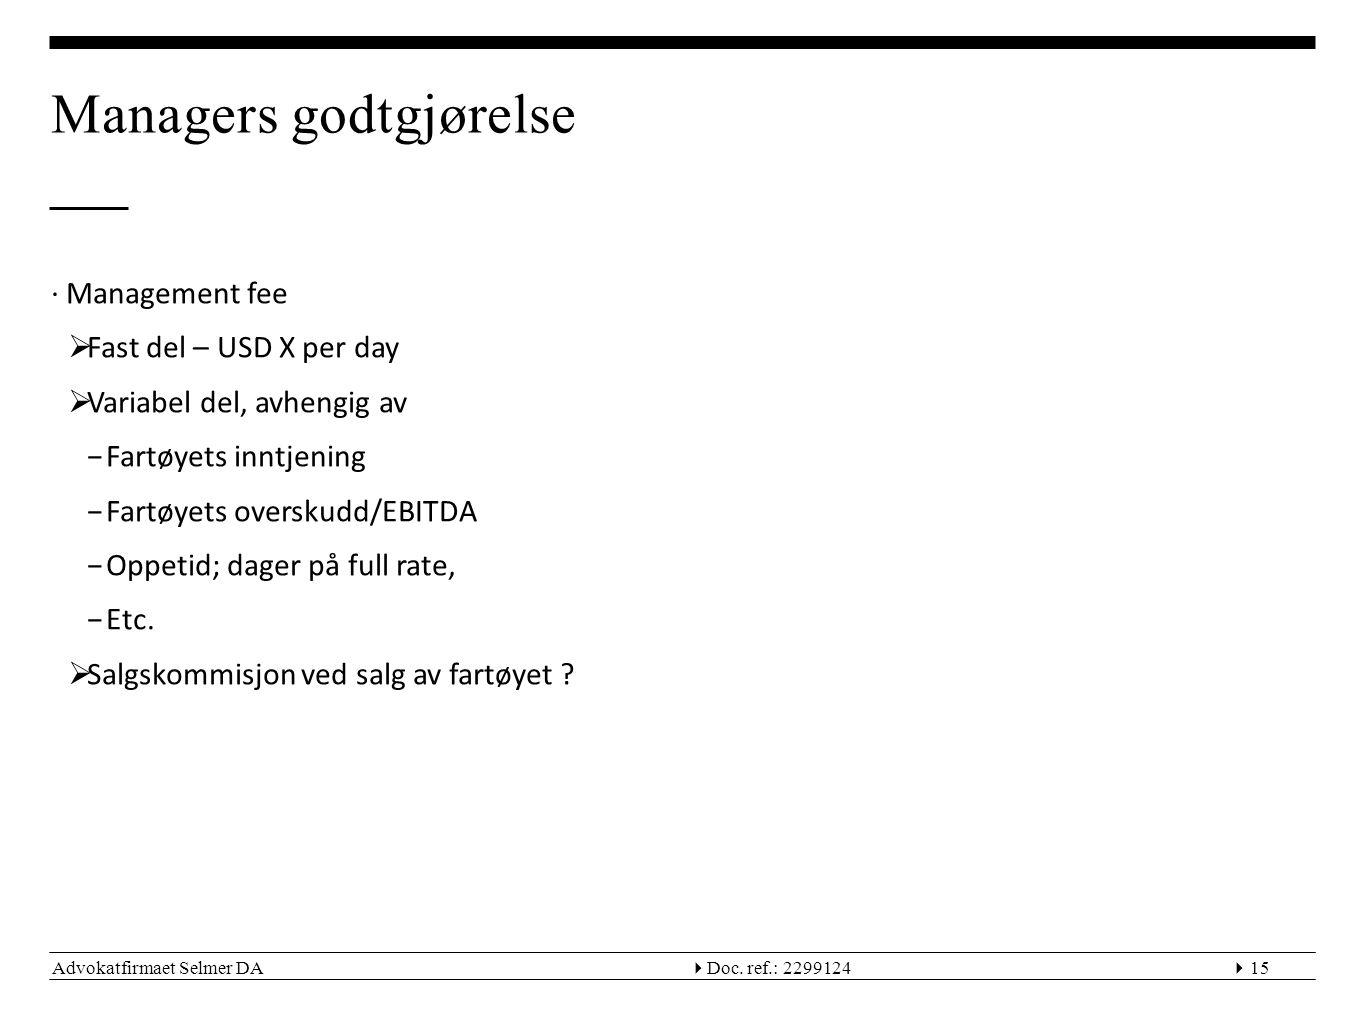 Advokatfirmaet Selmer DA  Doc. ref.: 229912415 Managers godtgjørelse ∙Management fee  Fast del – USD X per day  Variabel del, avhengig av −Fartøye